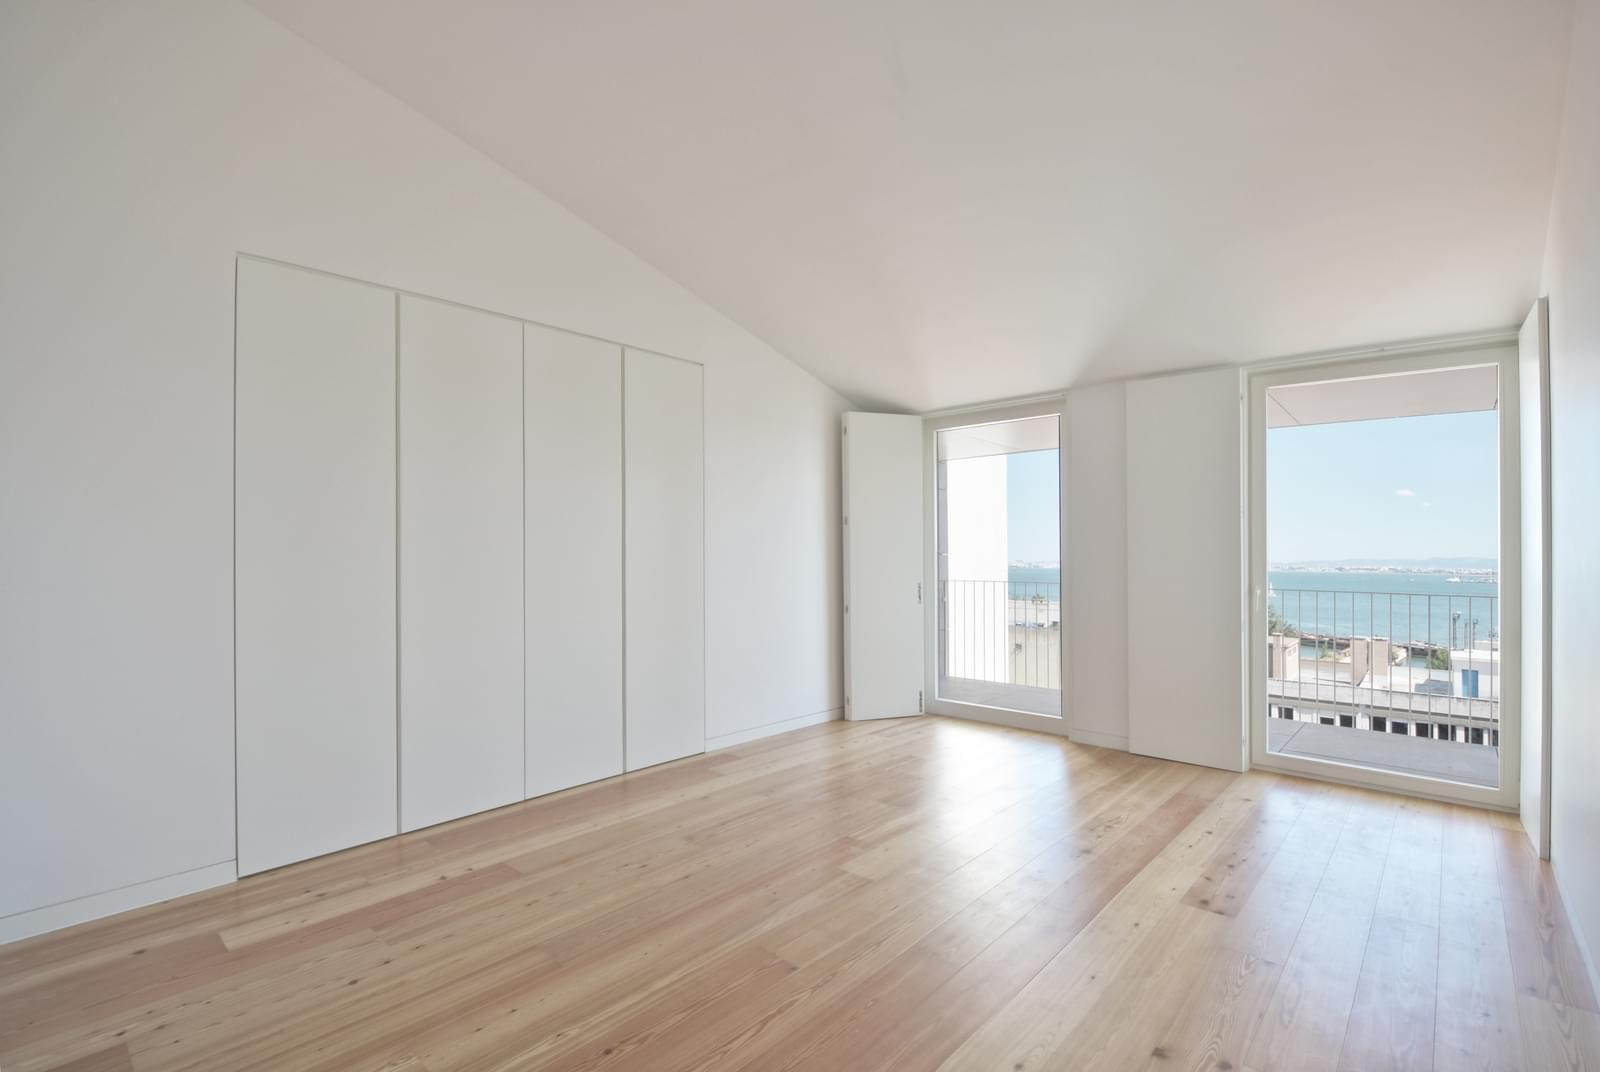 pf18051-apartamento-t4-lisboa-211509cb-c6f9-4c6c-b322-6c6f43021830